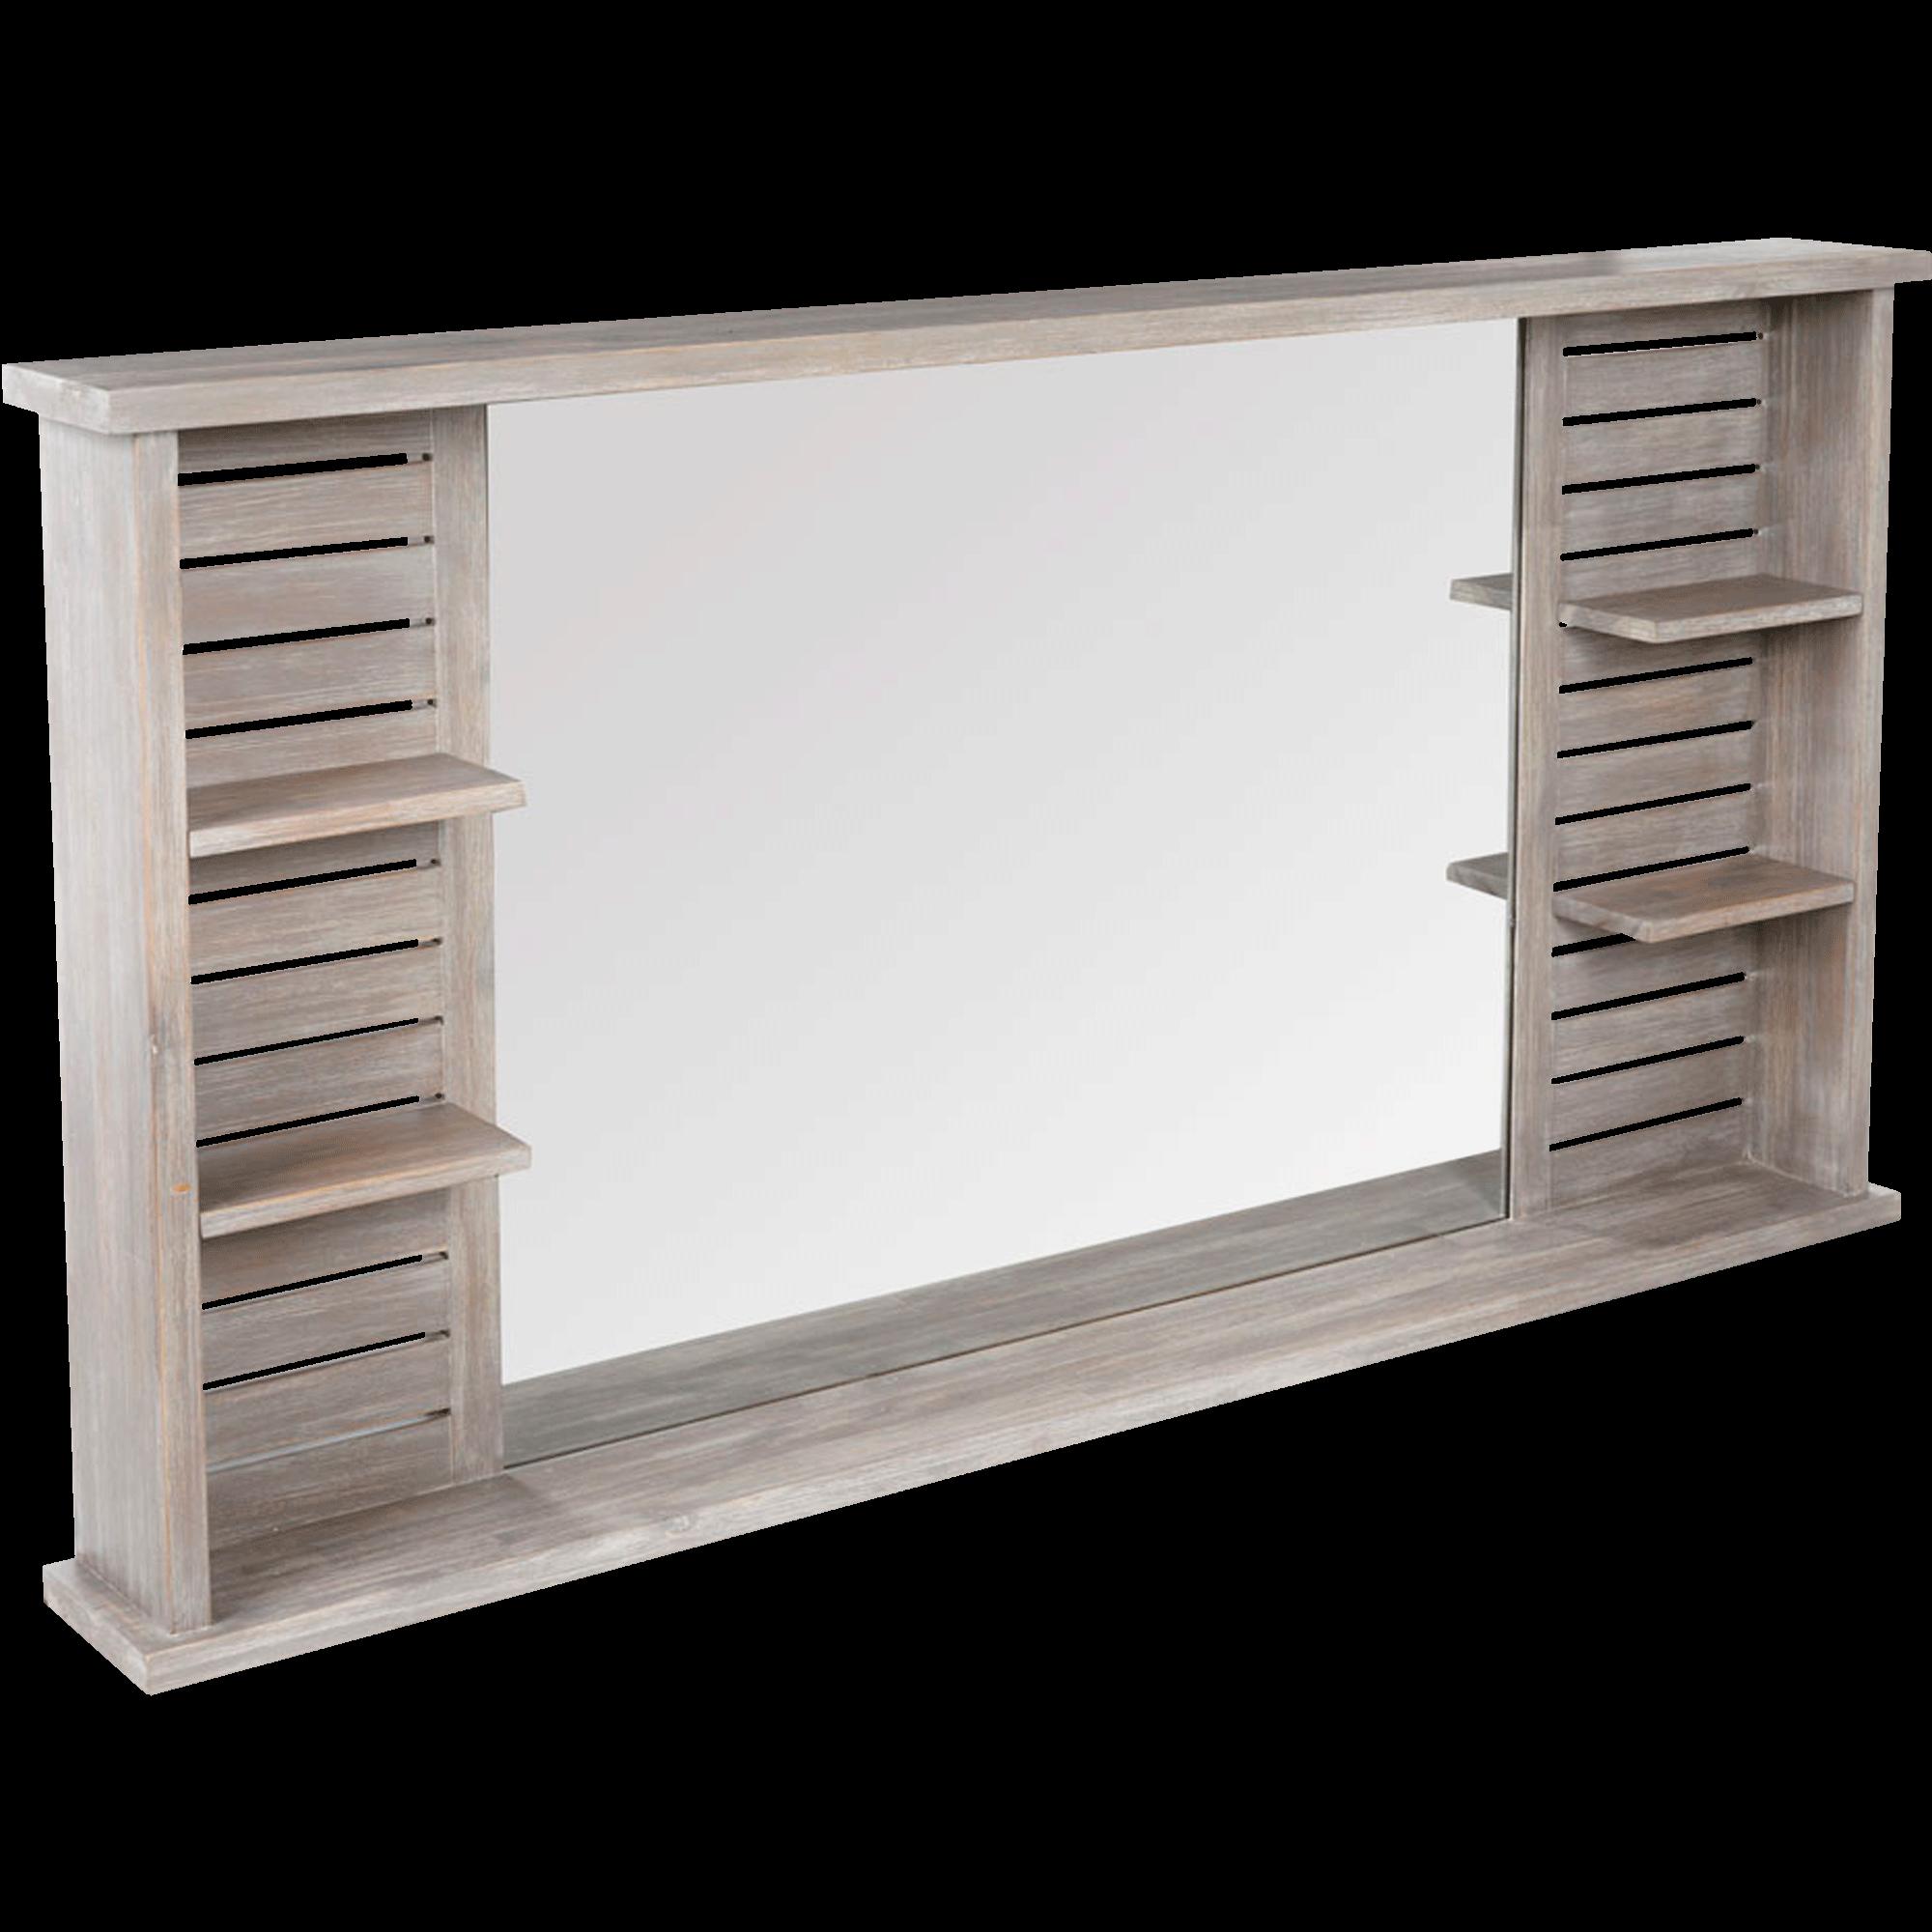 Merveilleux Miroir Rectangulaire De Salle De Bains Avec Tablettes En épicéa 140cm Marine